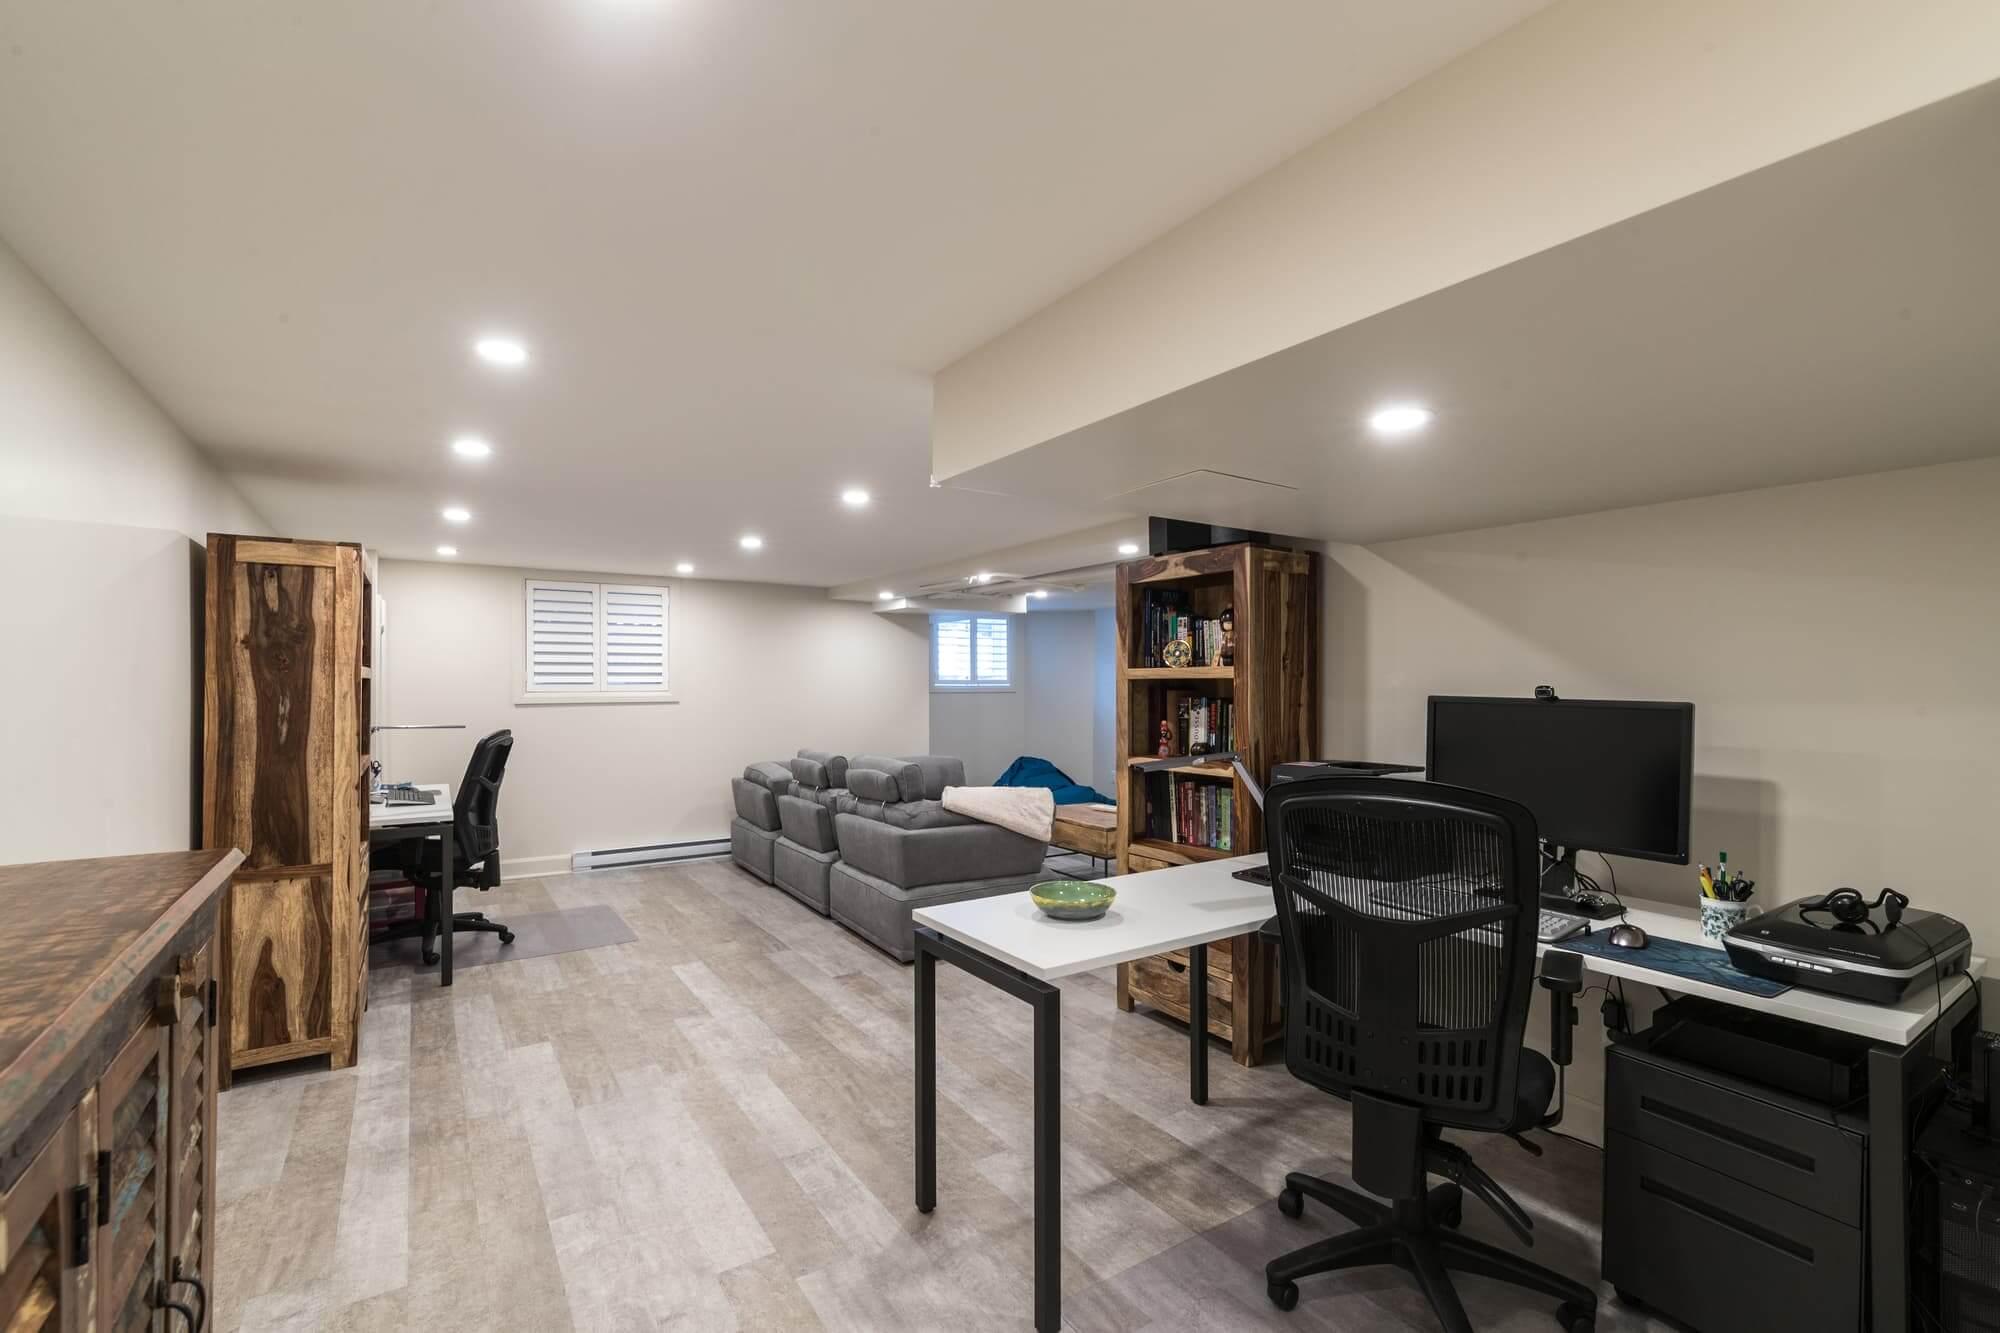 Rénovation d'un sous-sol moderne avec coin bureau et plancher en bois flottant gris pâle